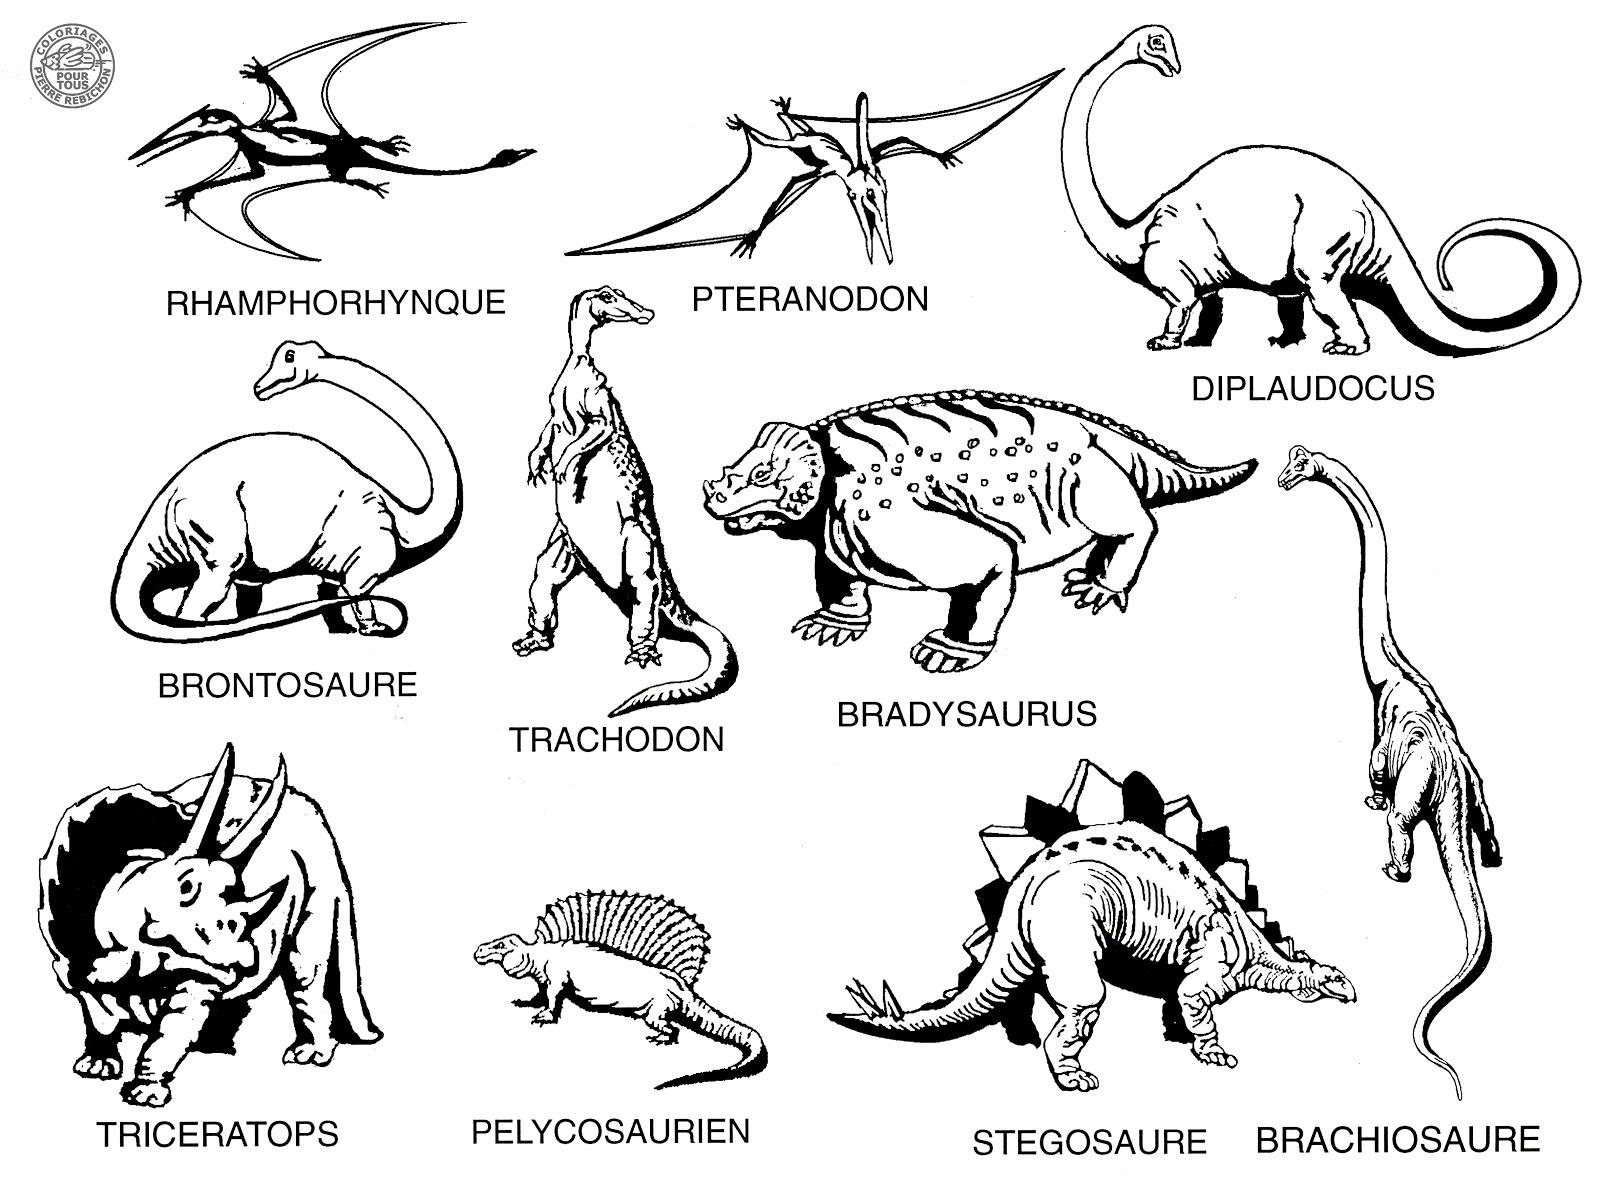 Coloriages Pour Tous: Les Dinosaures dedans Tous Les Coloriages Du Monde